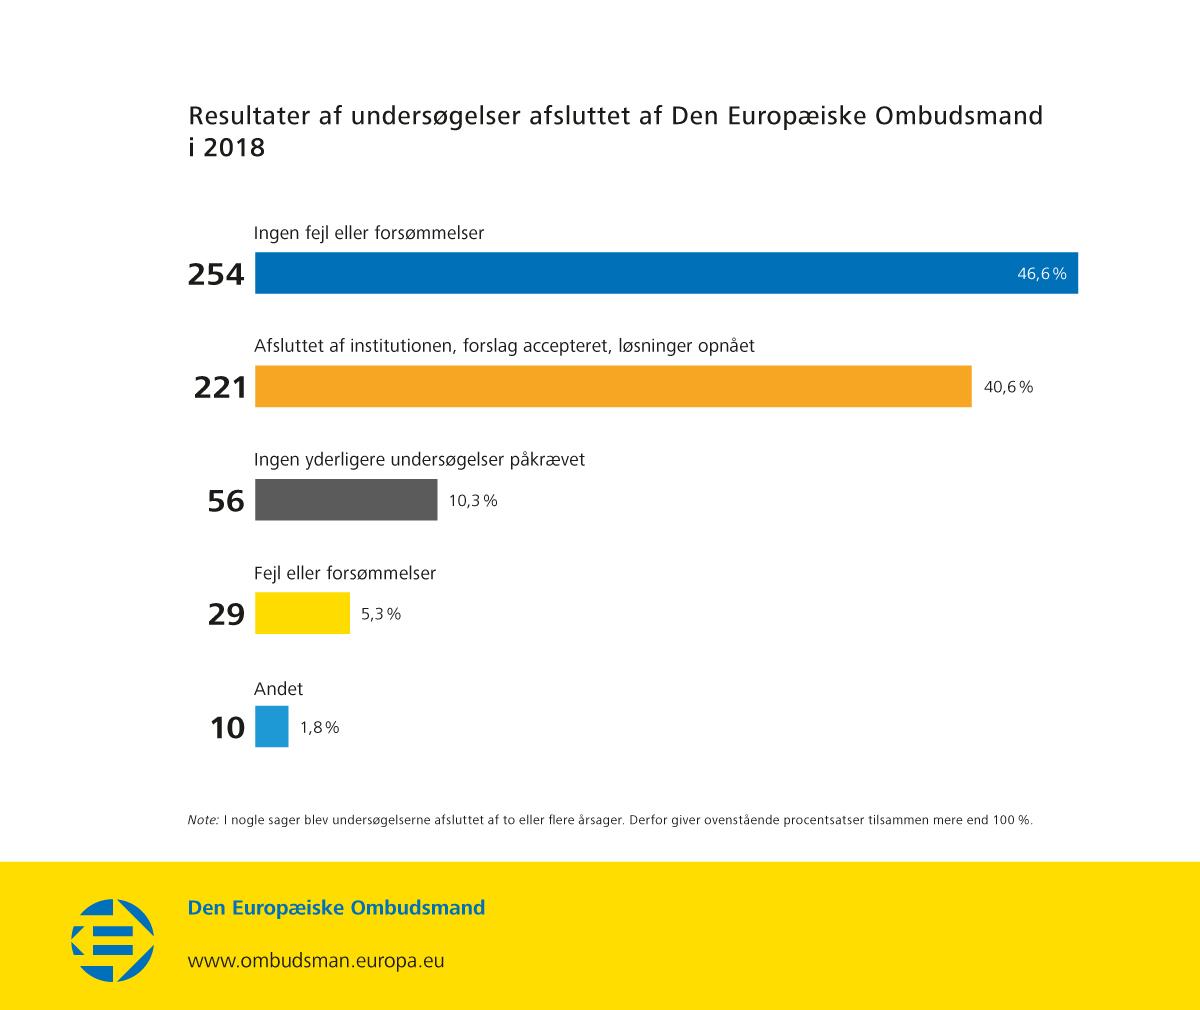 Resultater af undersøgelser afsluttet af Den Europæiske Ombudsmand i 2018